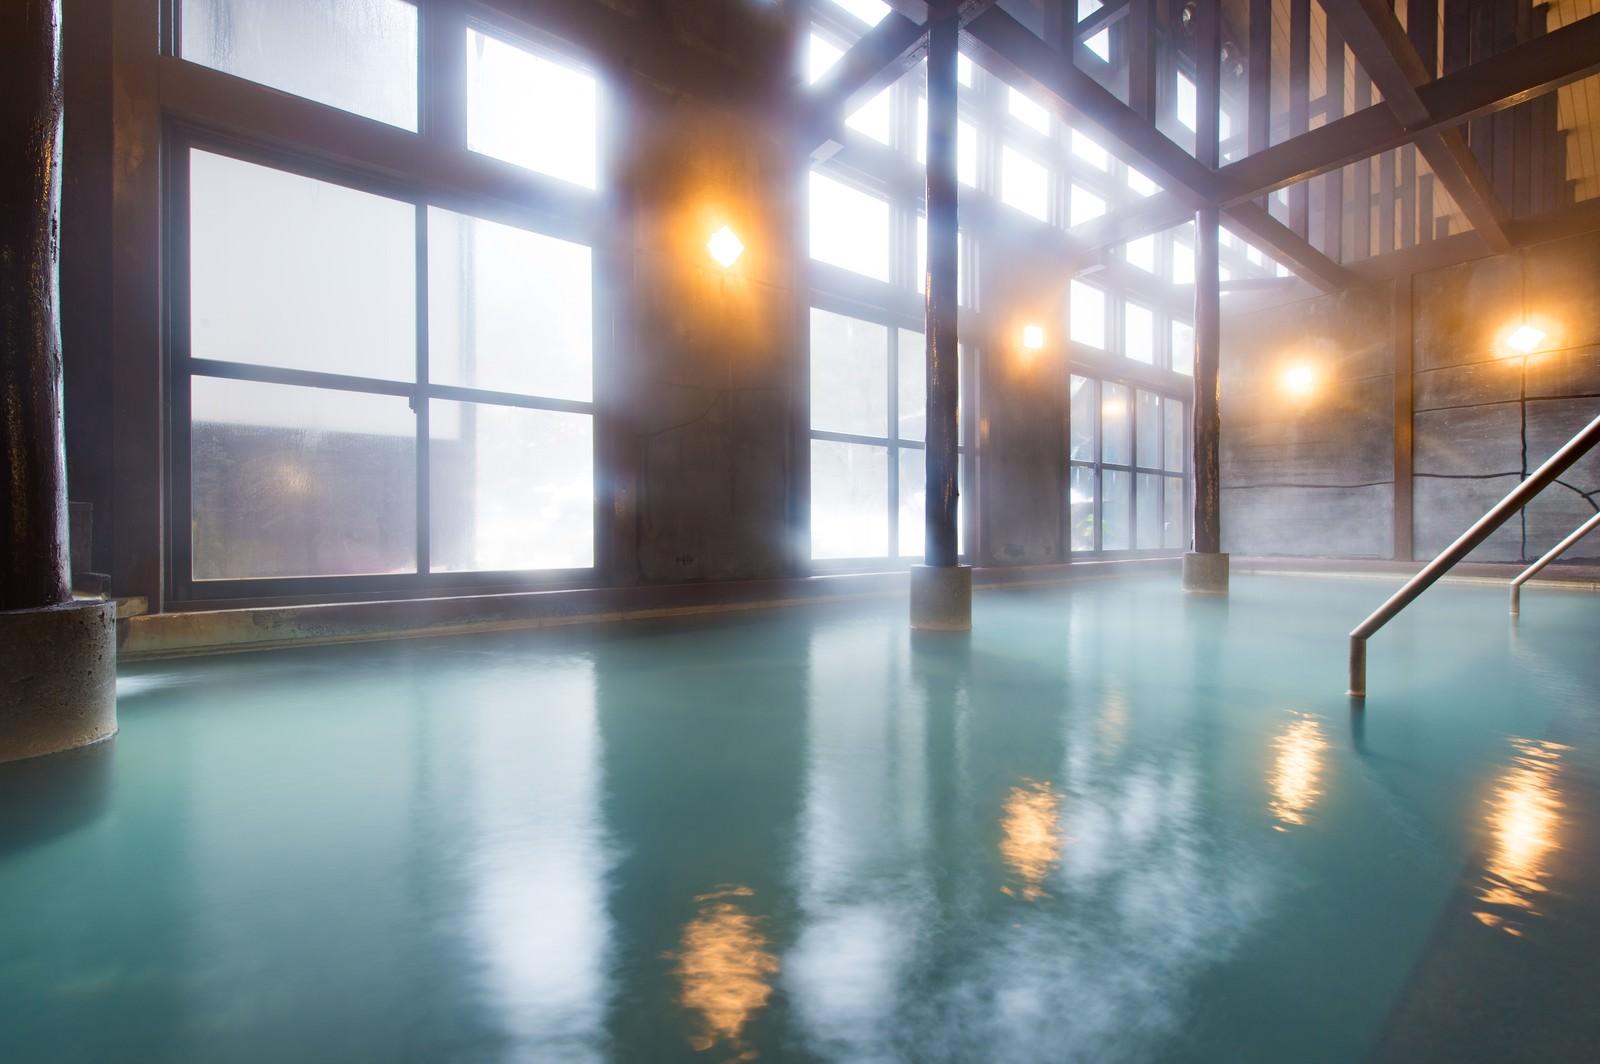 「「ひらゆの森」の青白色の源泉かけ流し温泉からはほんのりと硫黄の匂い」の写真